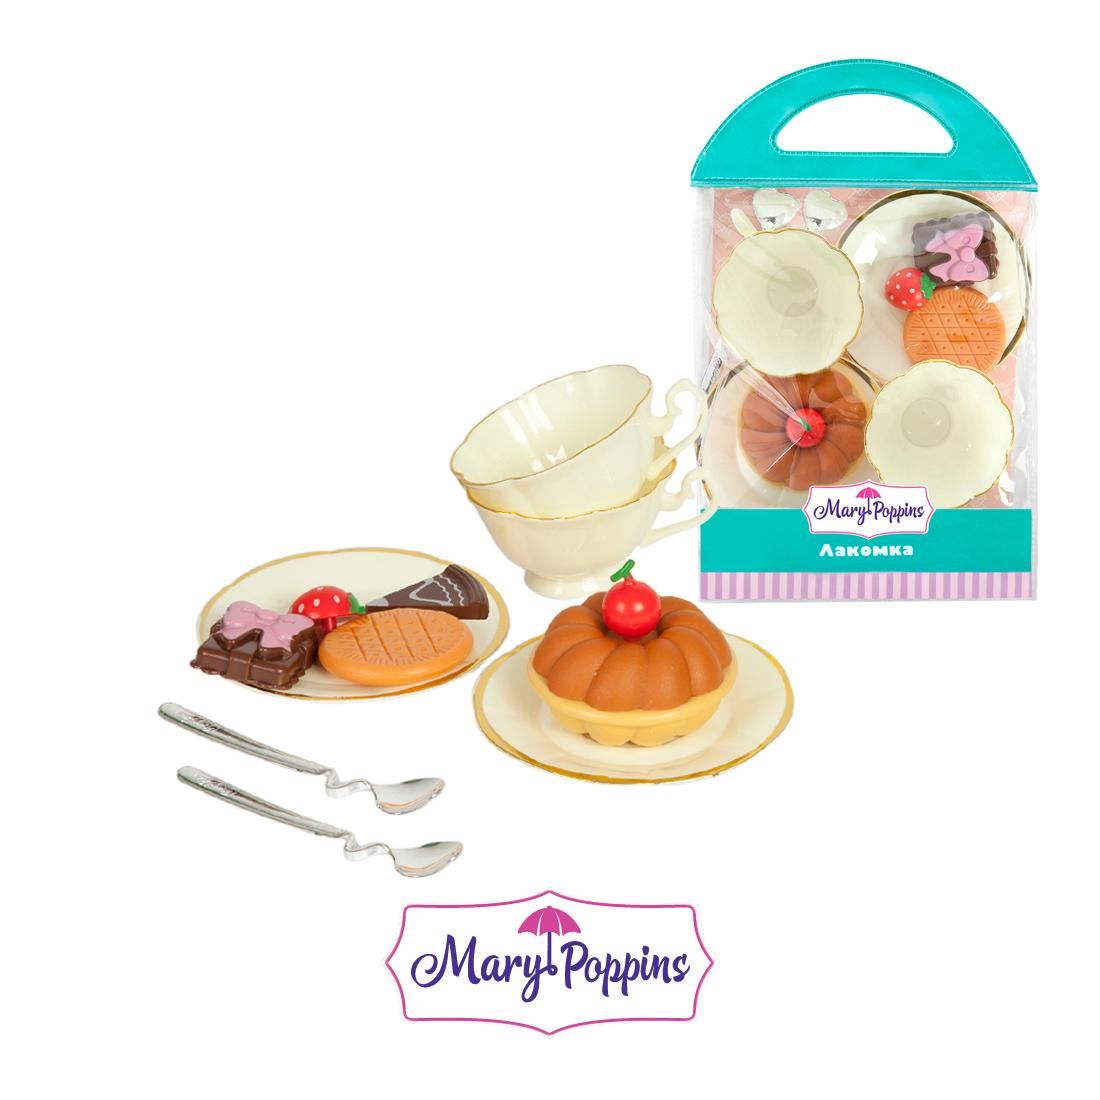 Посуда и наборы продуктов Mary Poppins Игровой набор Mary Poppins «Набор пирожных» с кружками аксессуар чехол для sony xperia xa1 ultra brosco silicone transparent xa1u tpu transparent